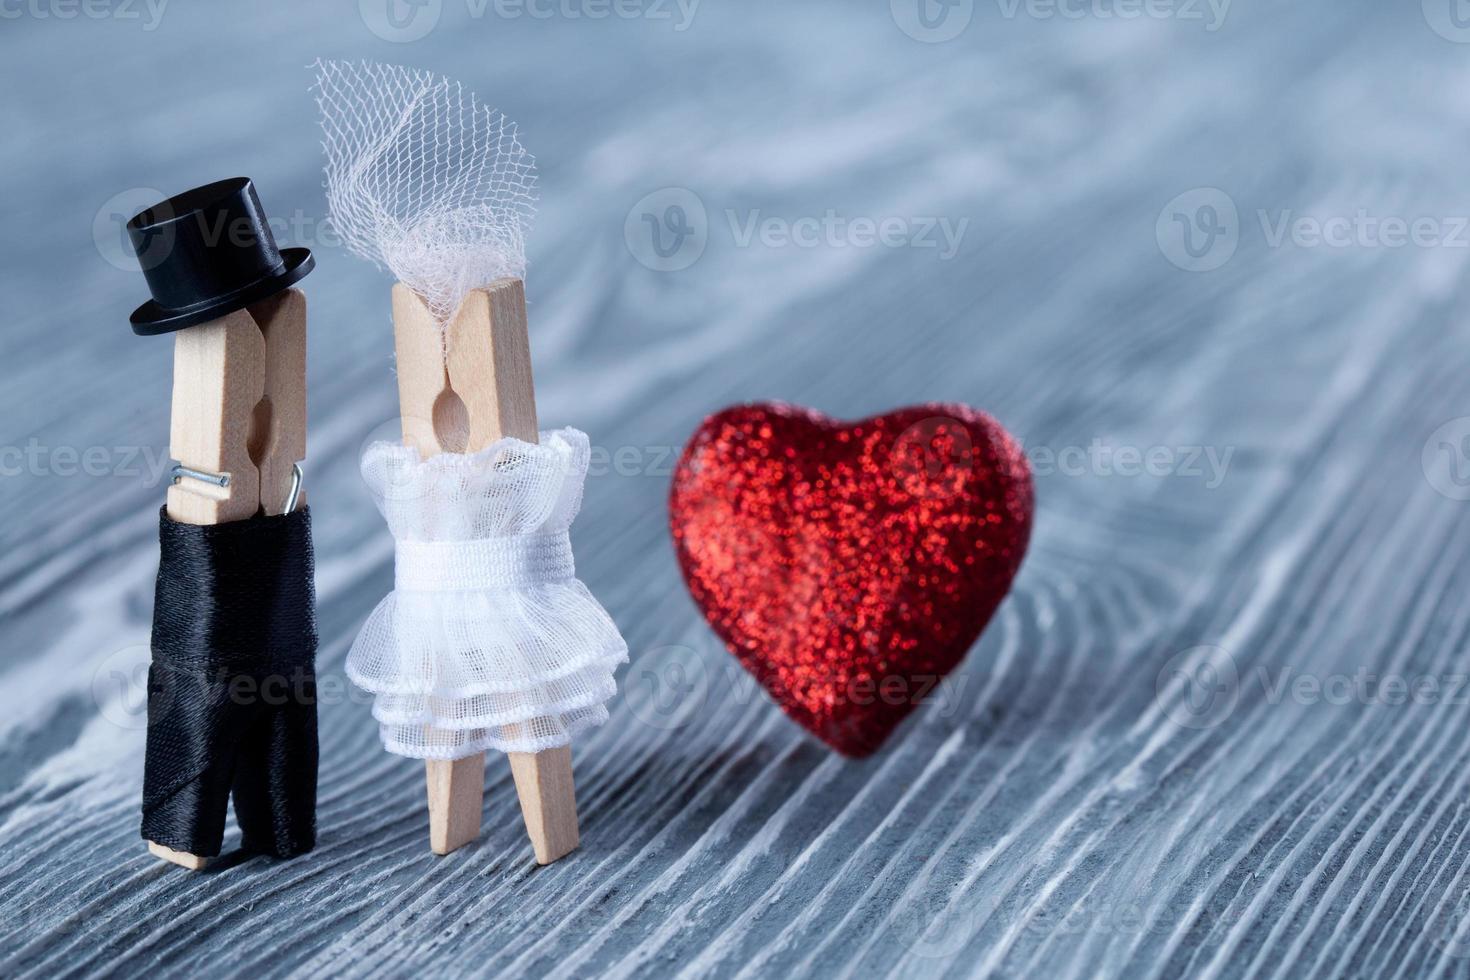 casal romantico. convite de casamento. homem, mulher e coração de leitura. foto